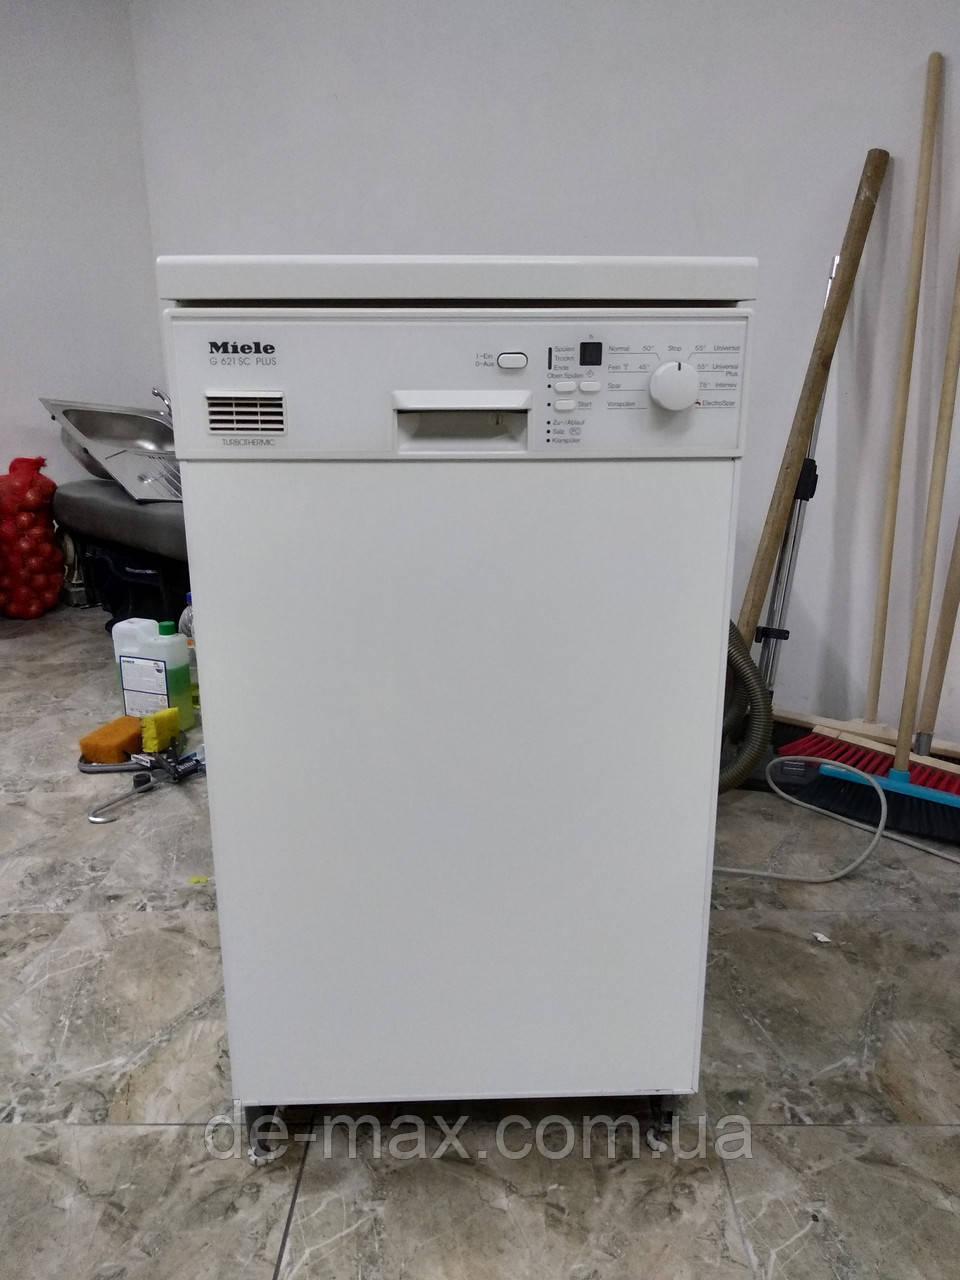 Встраиваемая посудомойка узкая 45см на три лотка Miele G 621 SC Plus